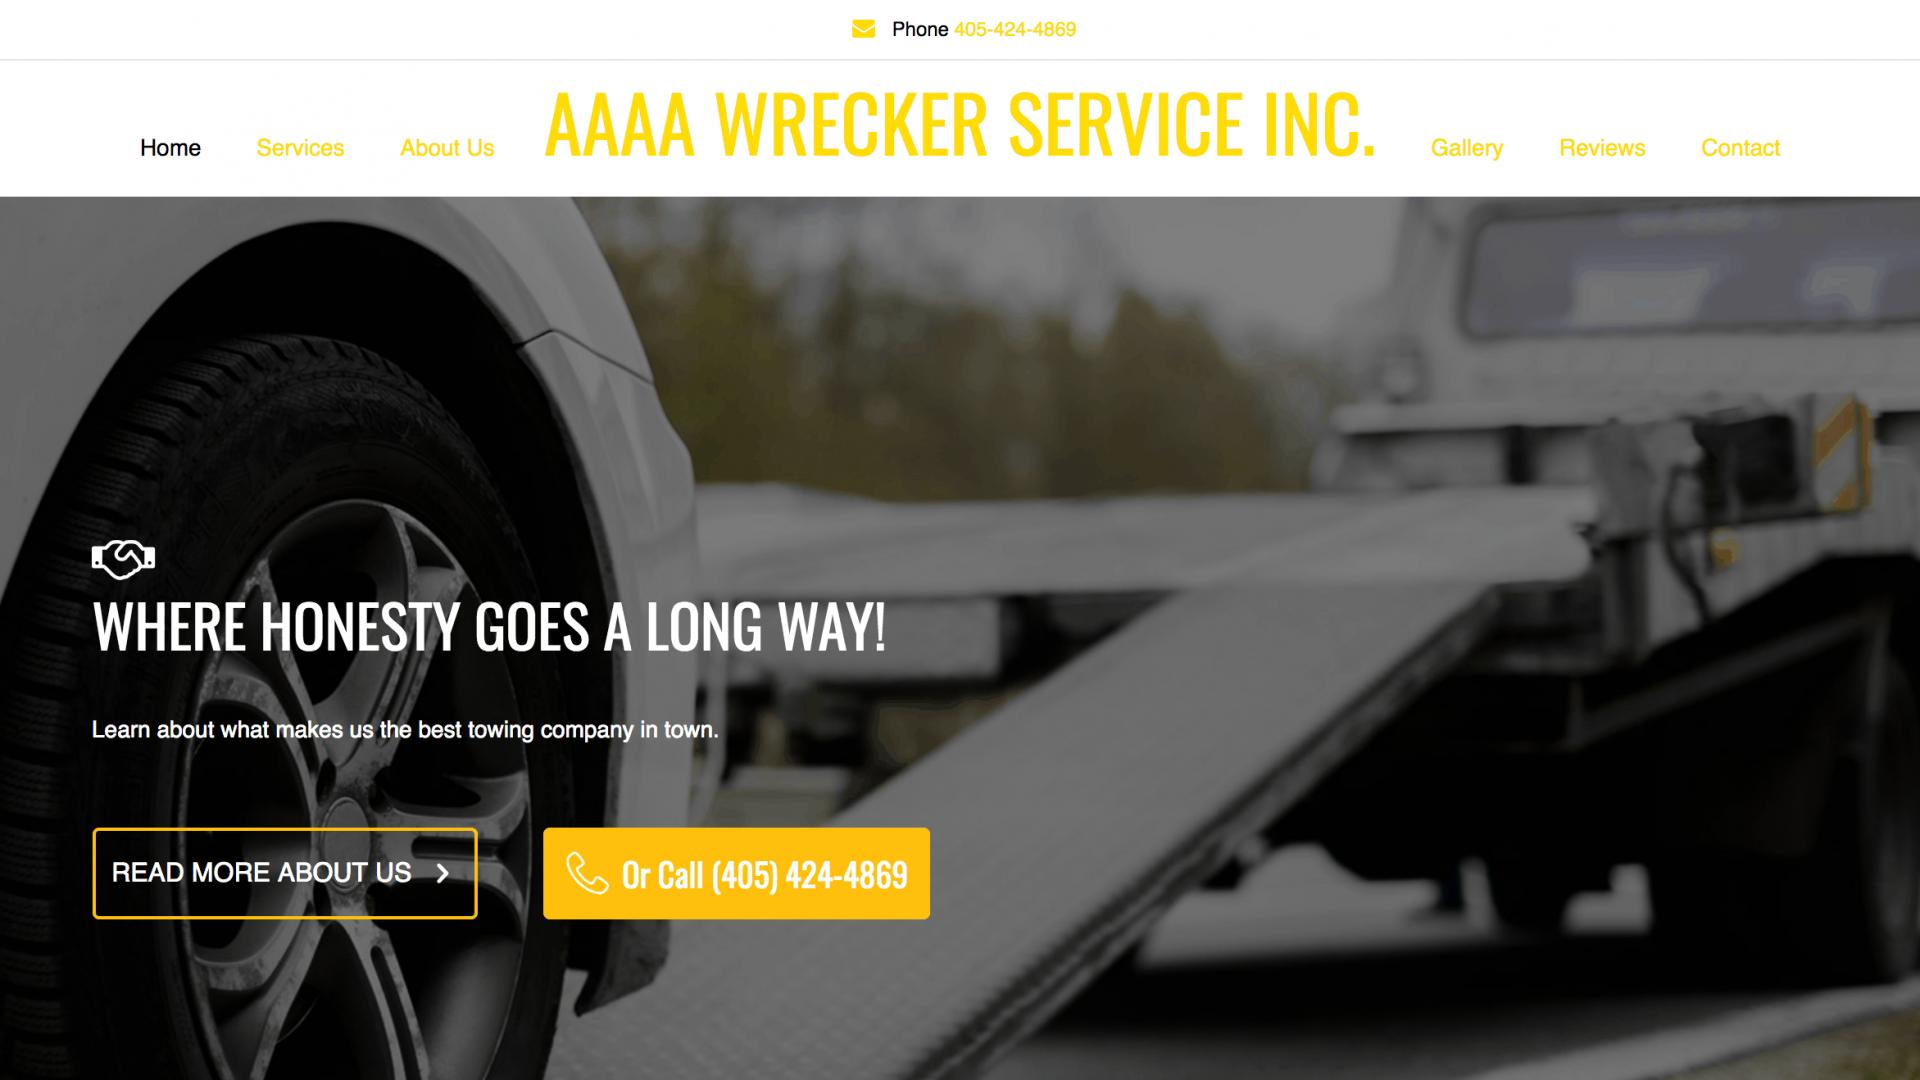 screenshot-aaaawreckerinc.com-2019.01.07-14-44-08